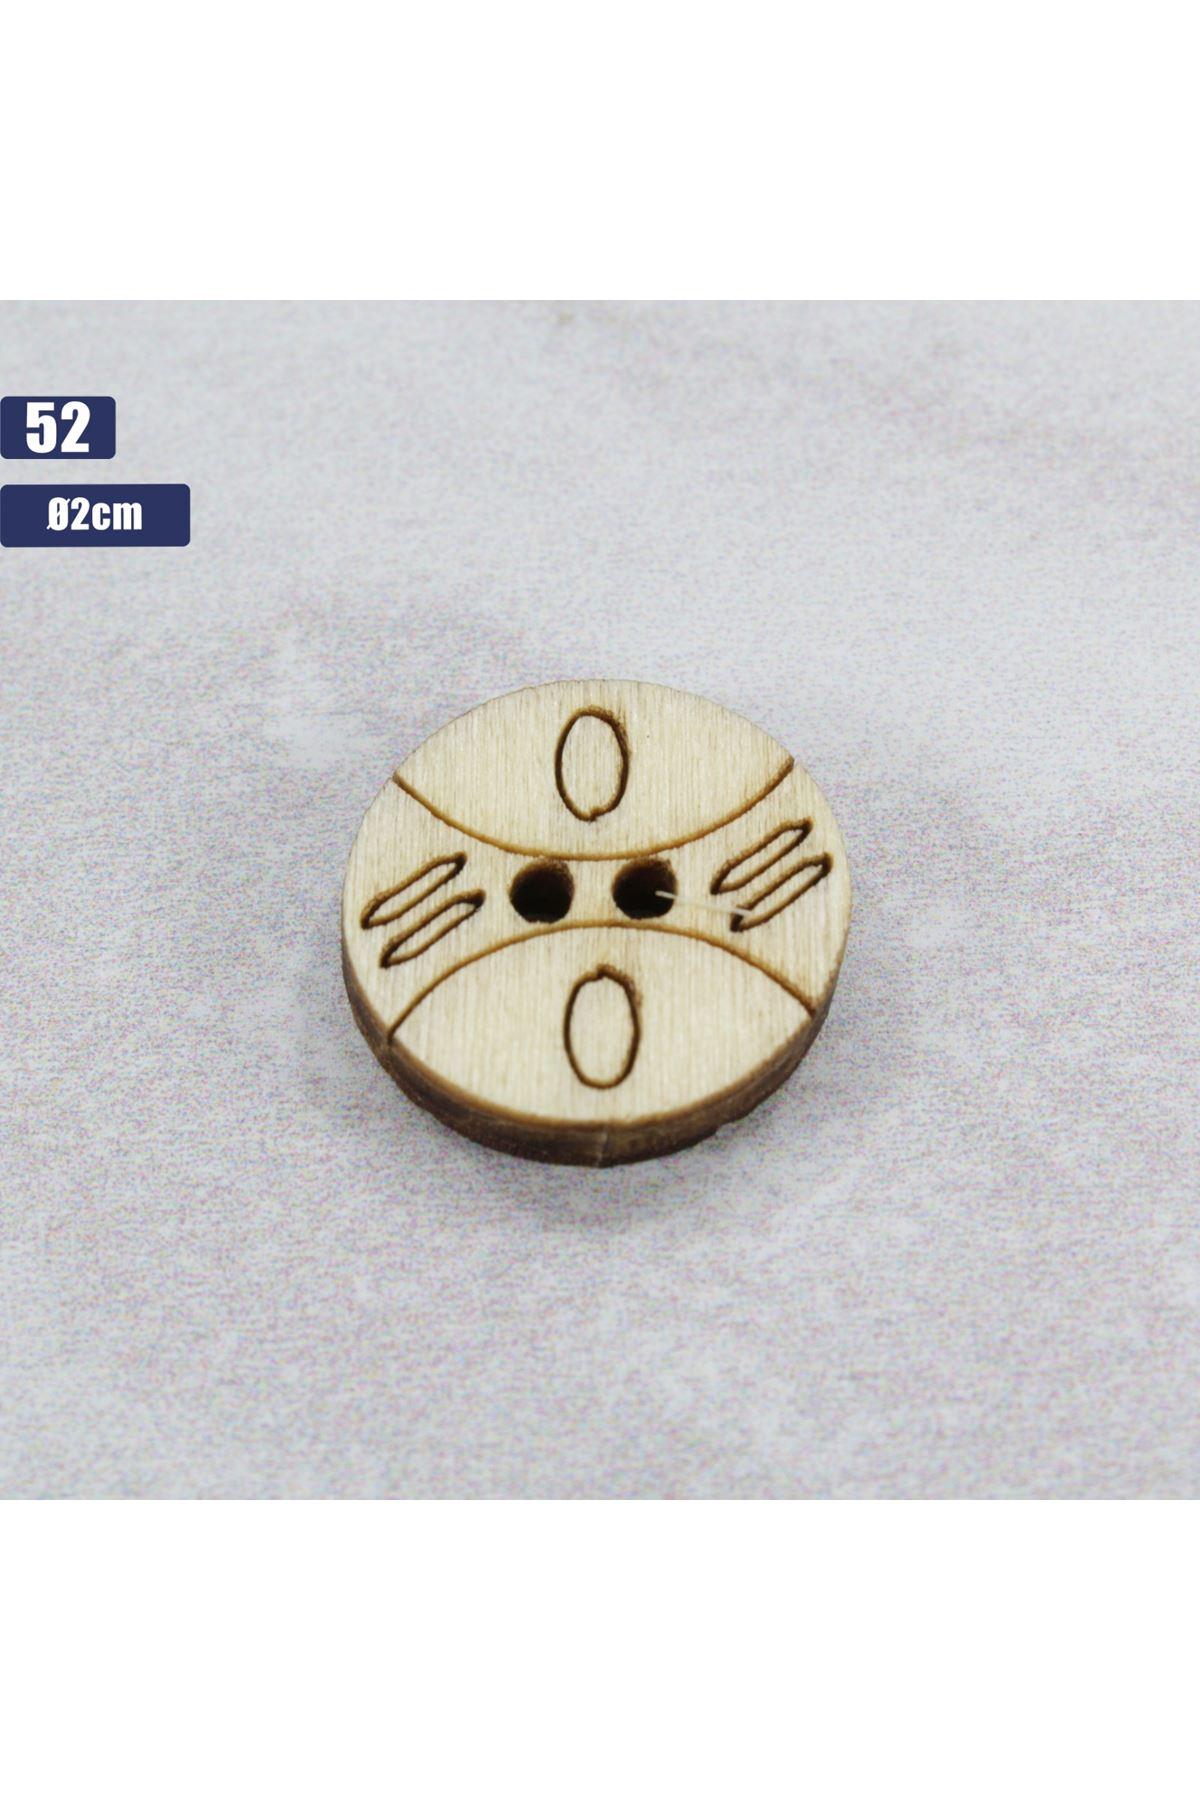 Düğme 1 Adet - 52